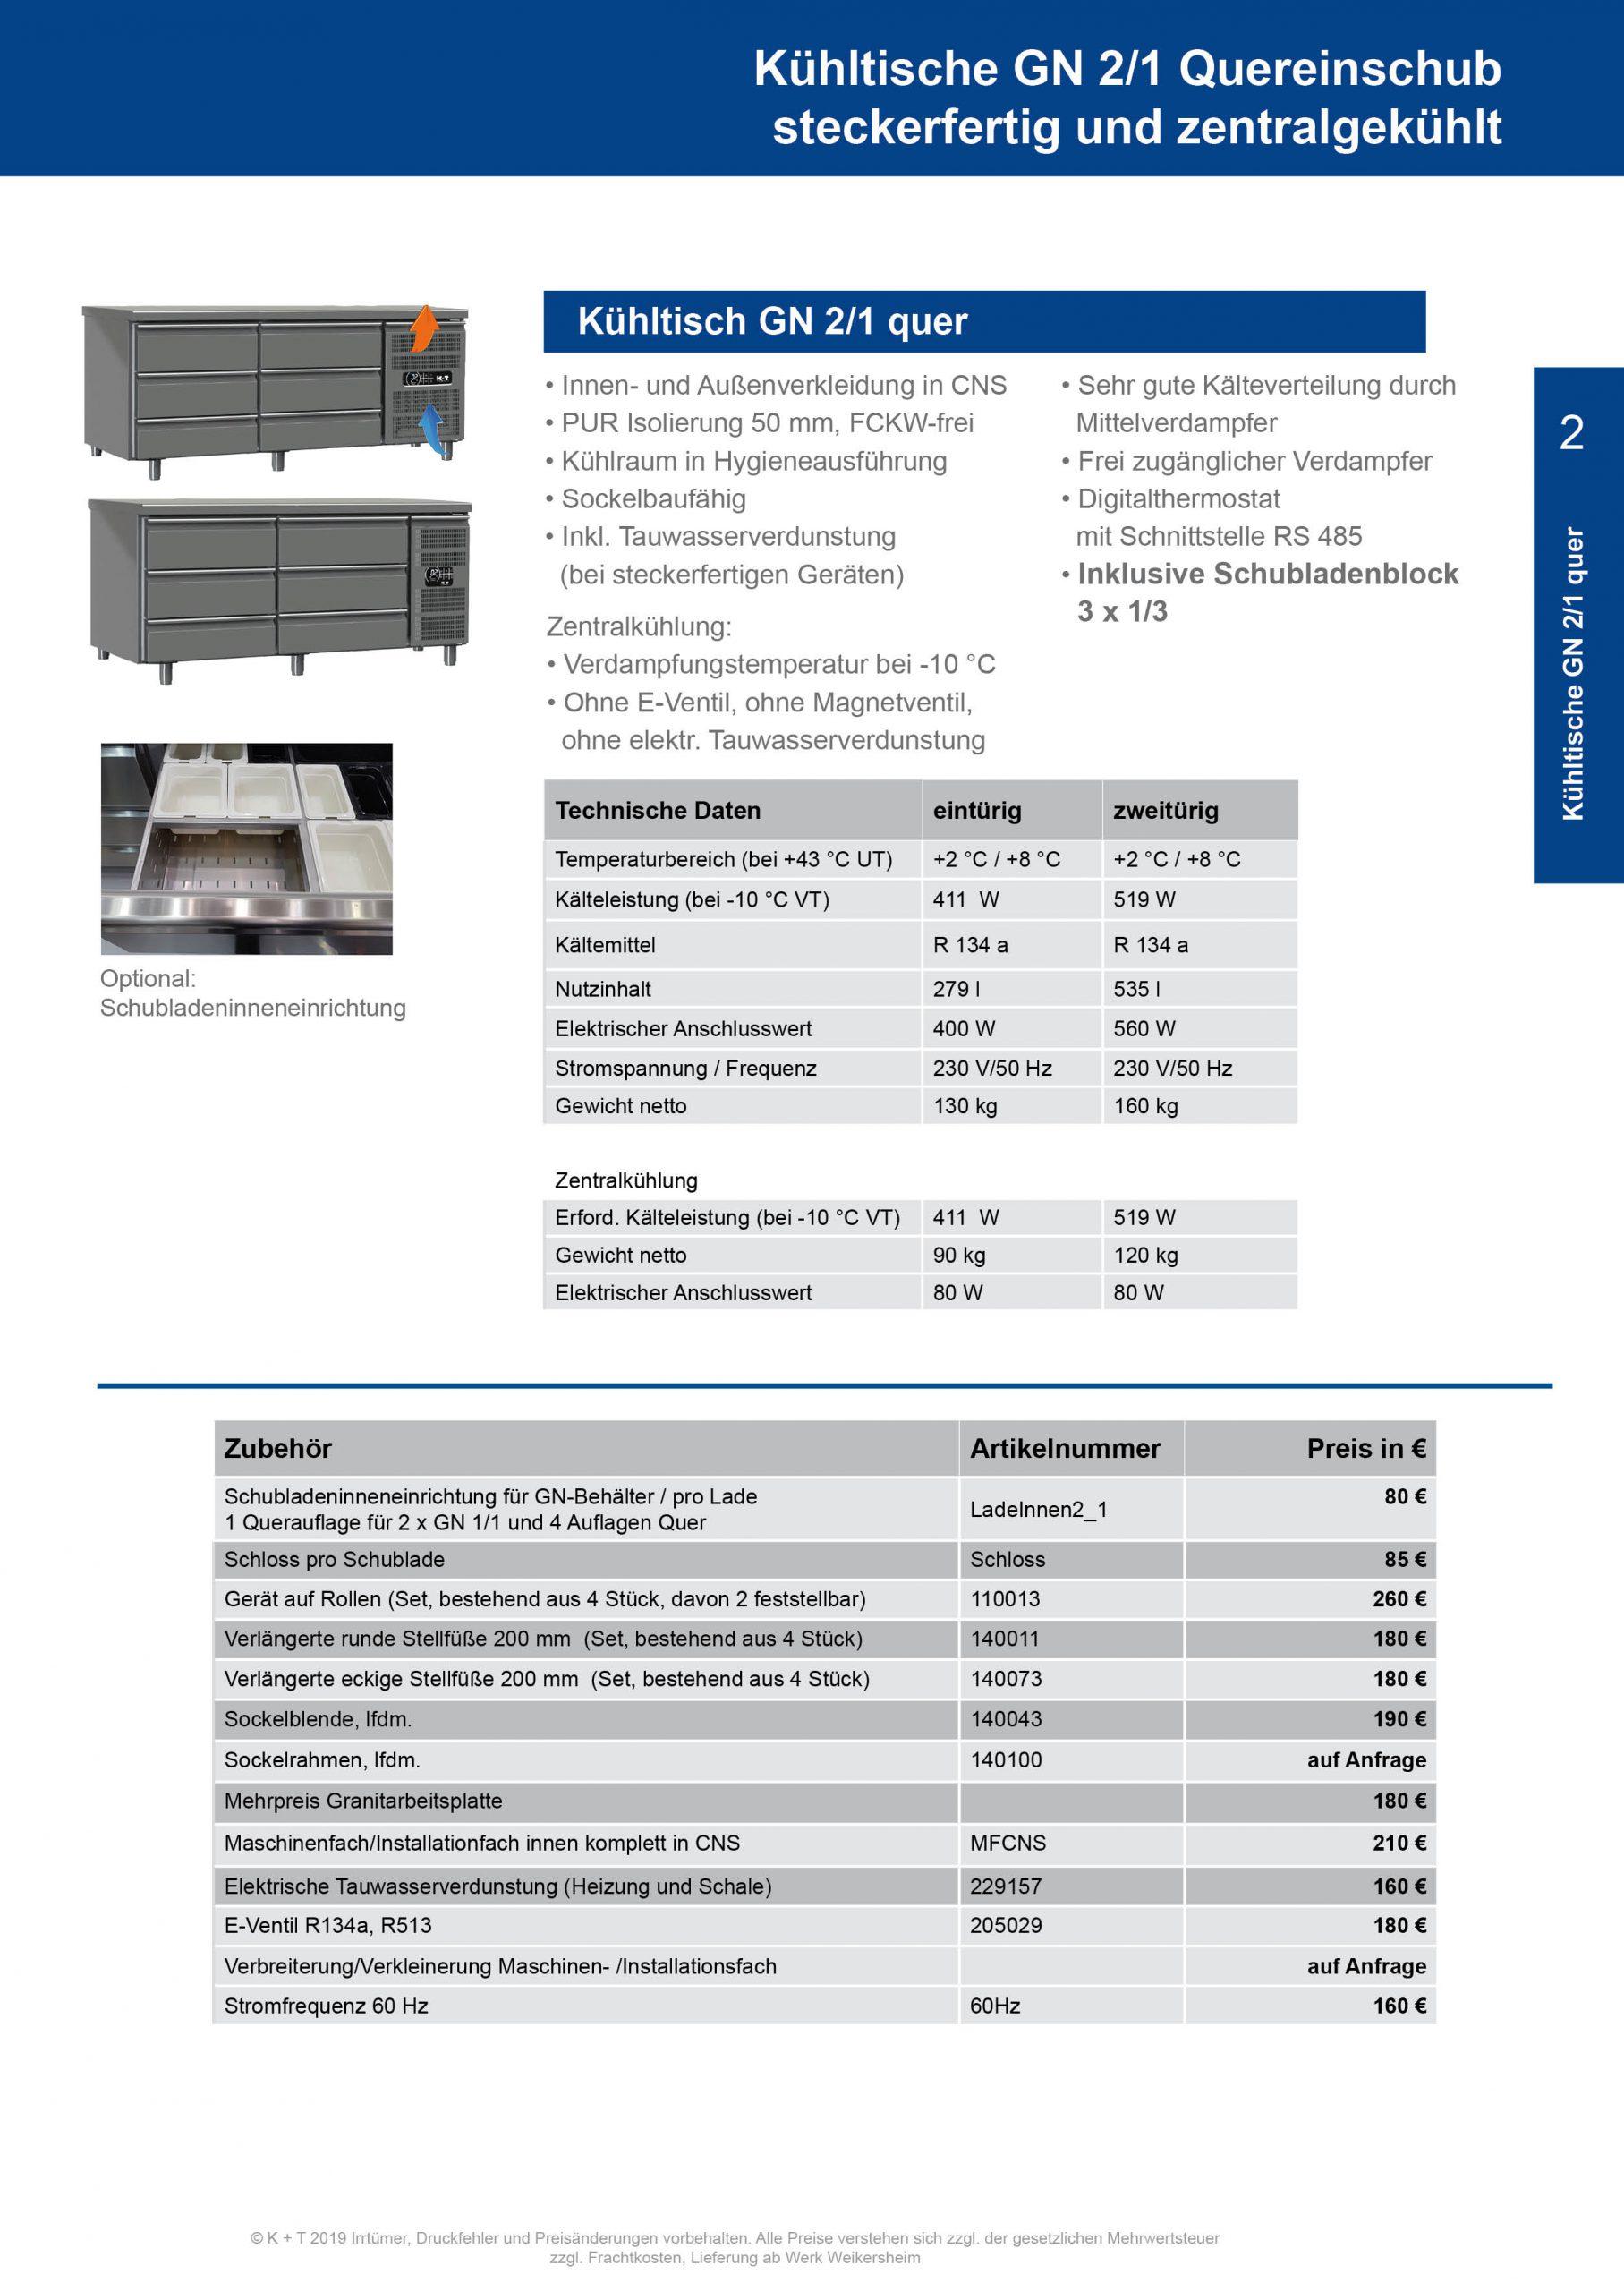 Kühltisch GN 2_1 Quereinschub Korpus 700 steckerfertig+zentralgekühlt 2